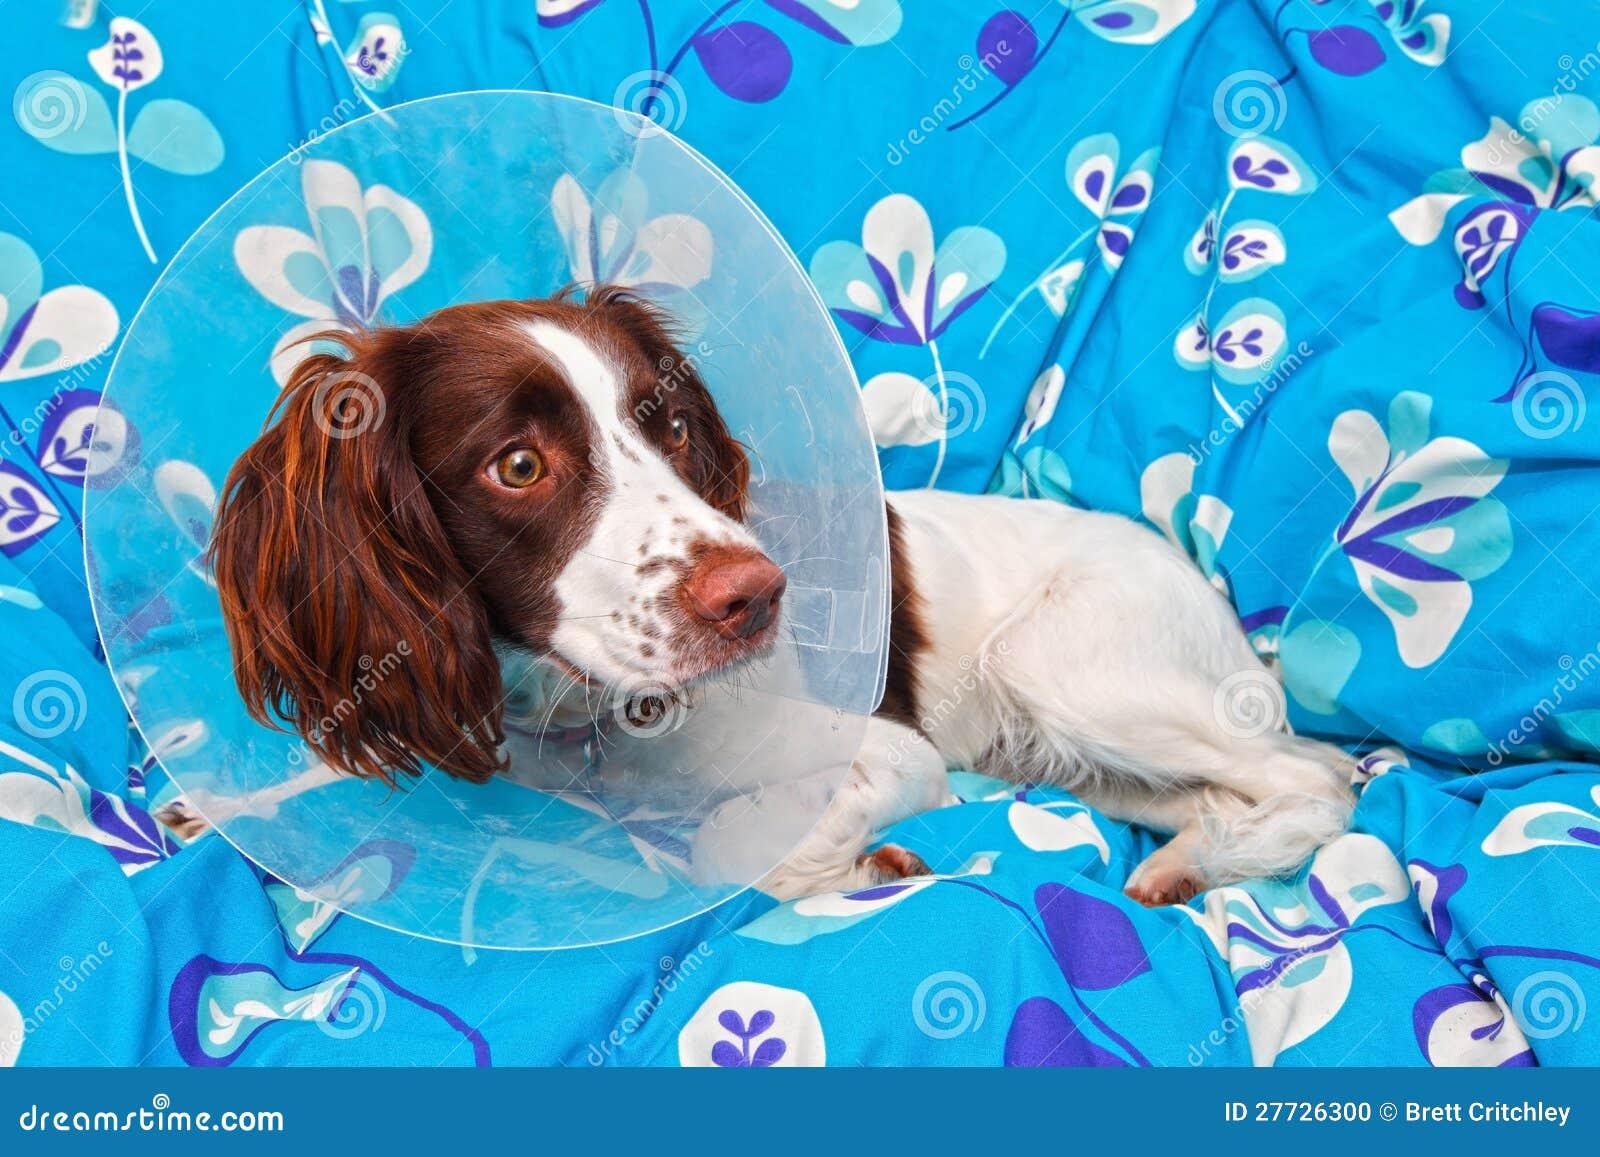 Hund, der einen Kegel trägt